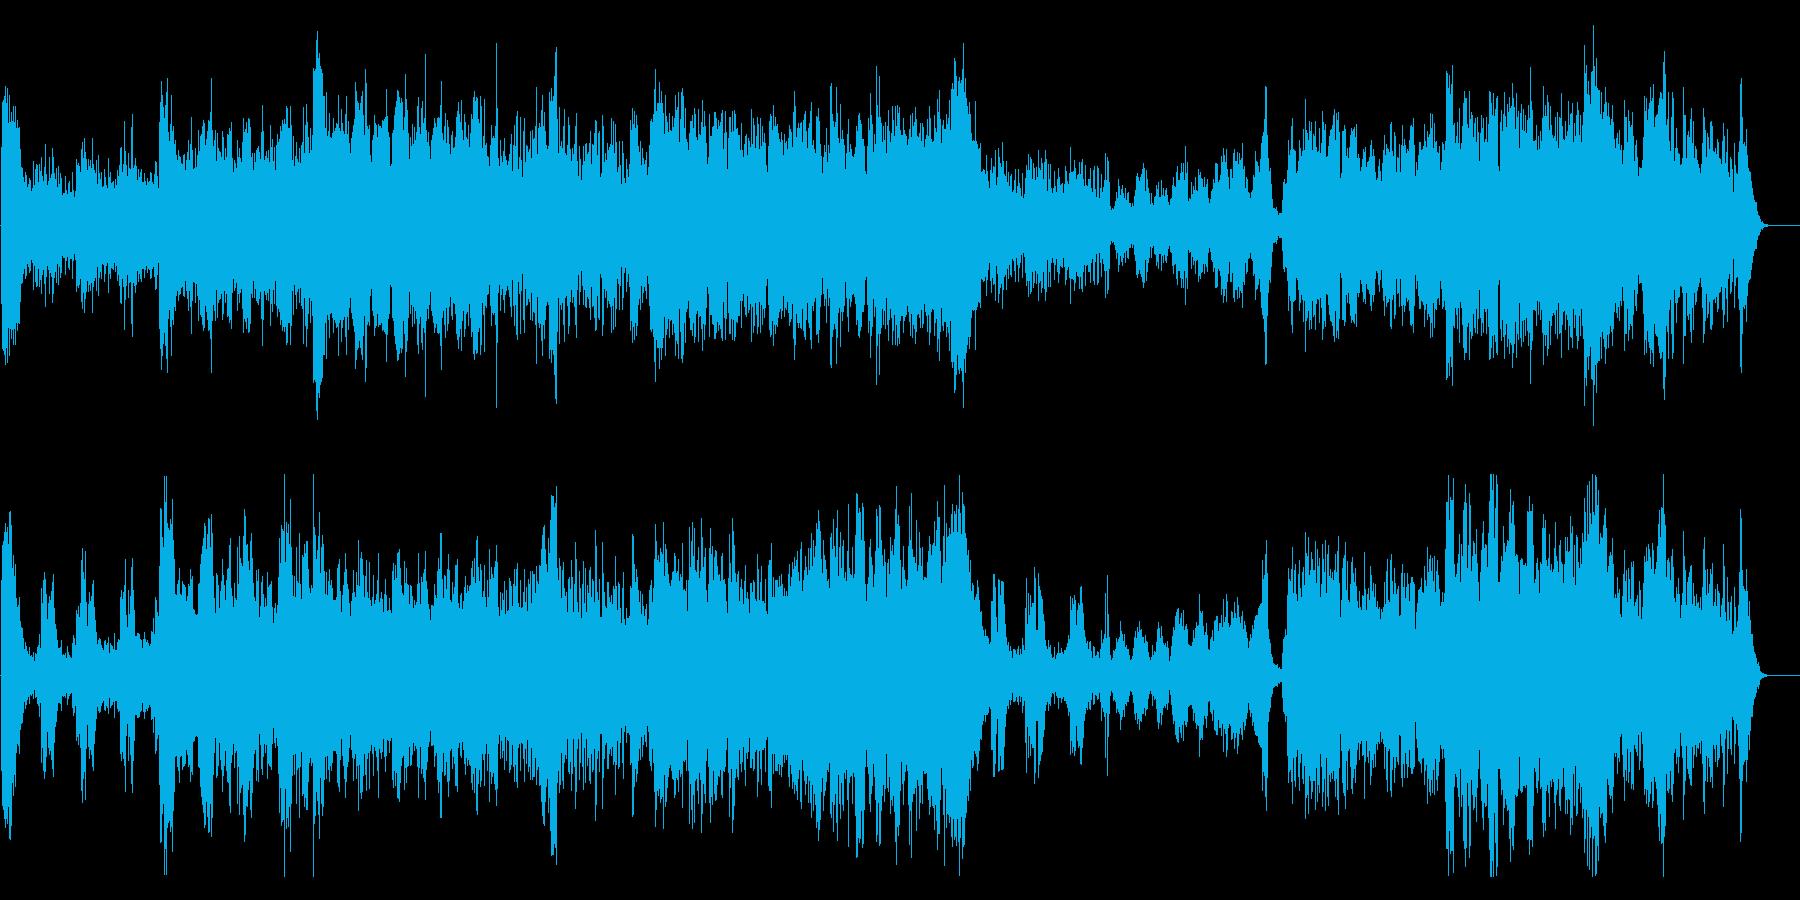 迫力あるメロディアスなオーケストラ曲の再生済みの波形